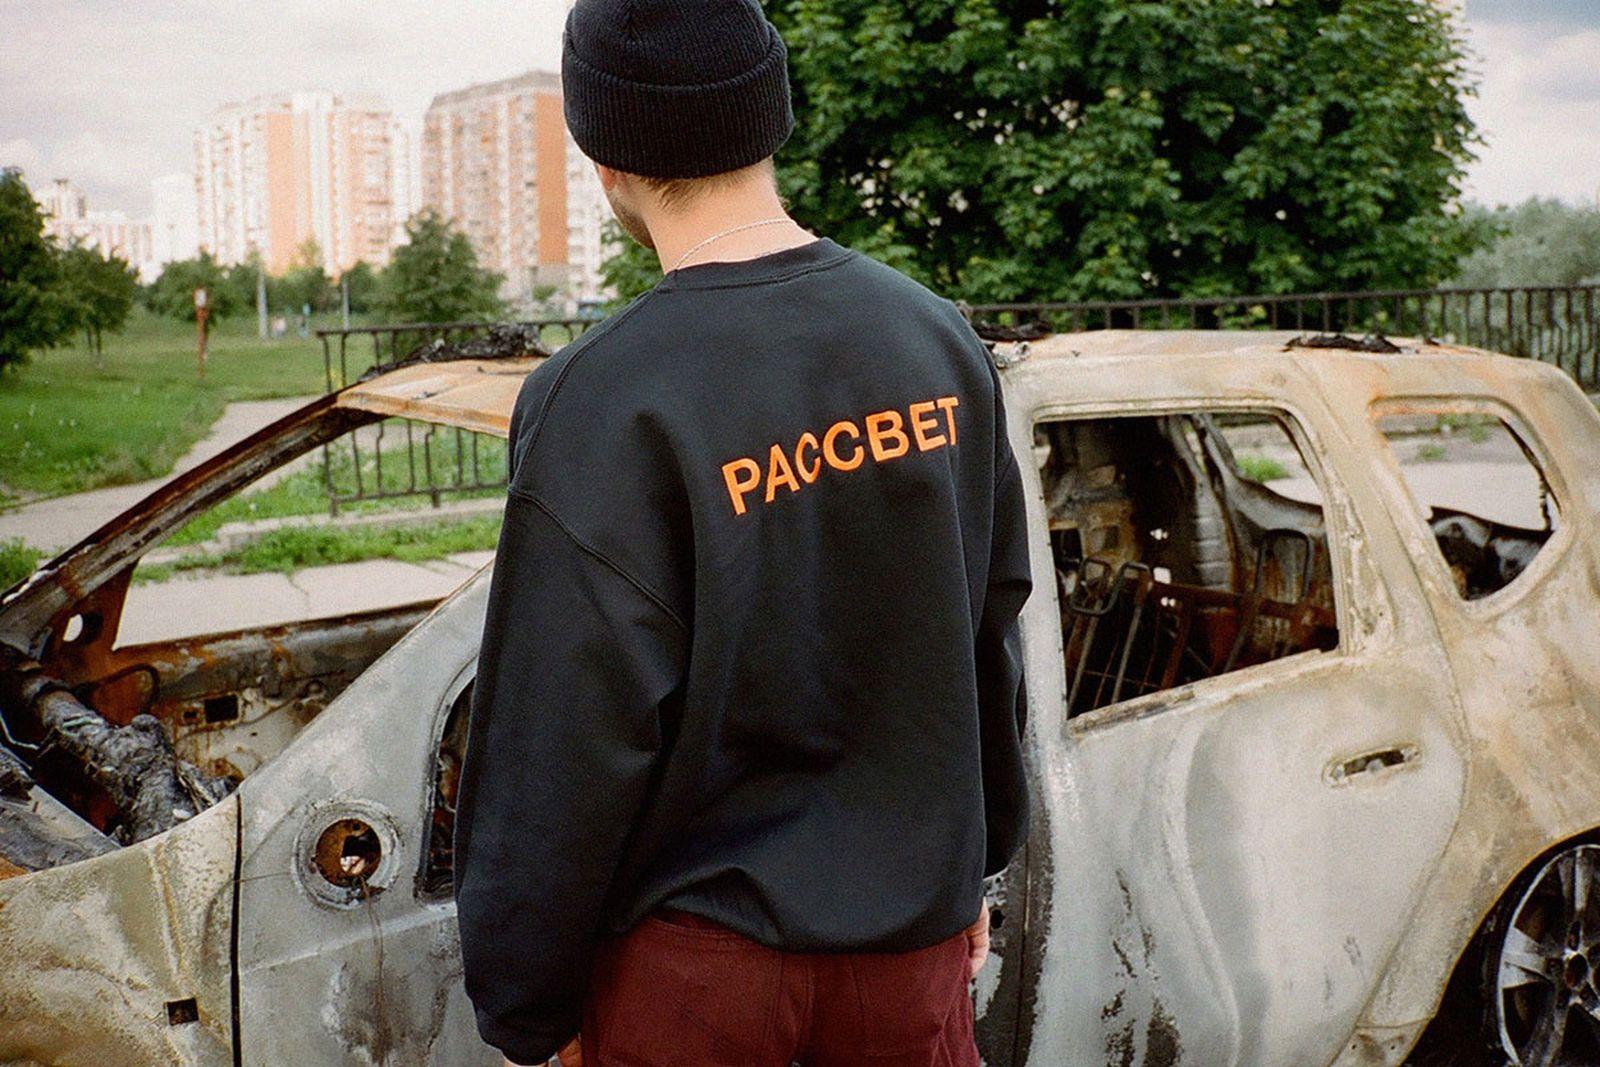 paccbet-gosha-rubchinskiy-meaning-Main